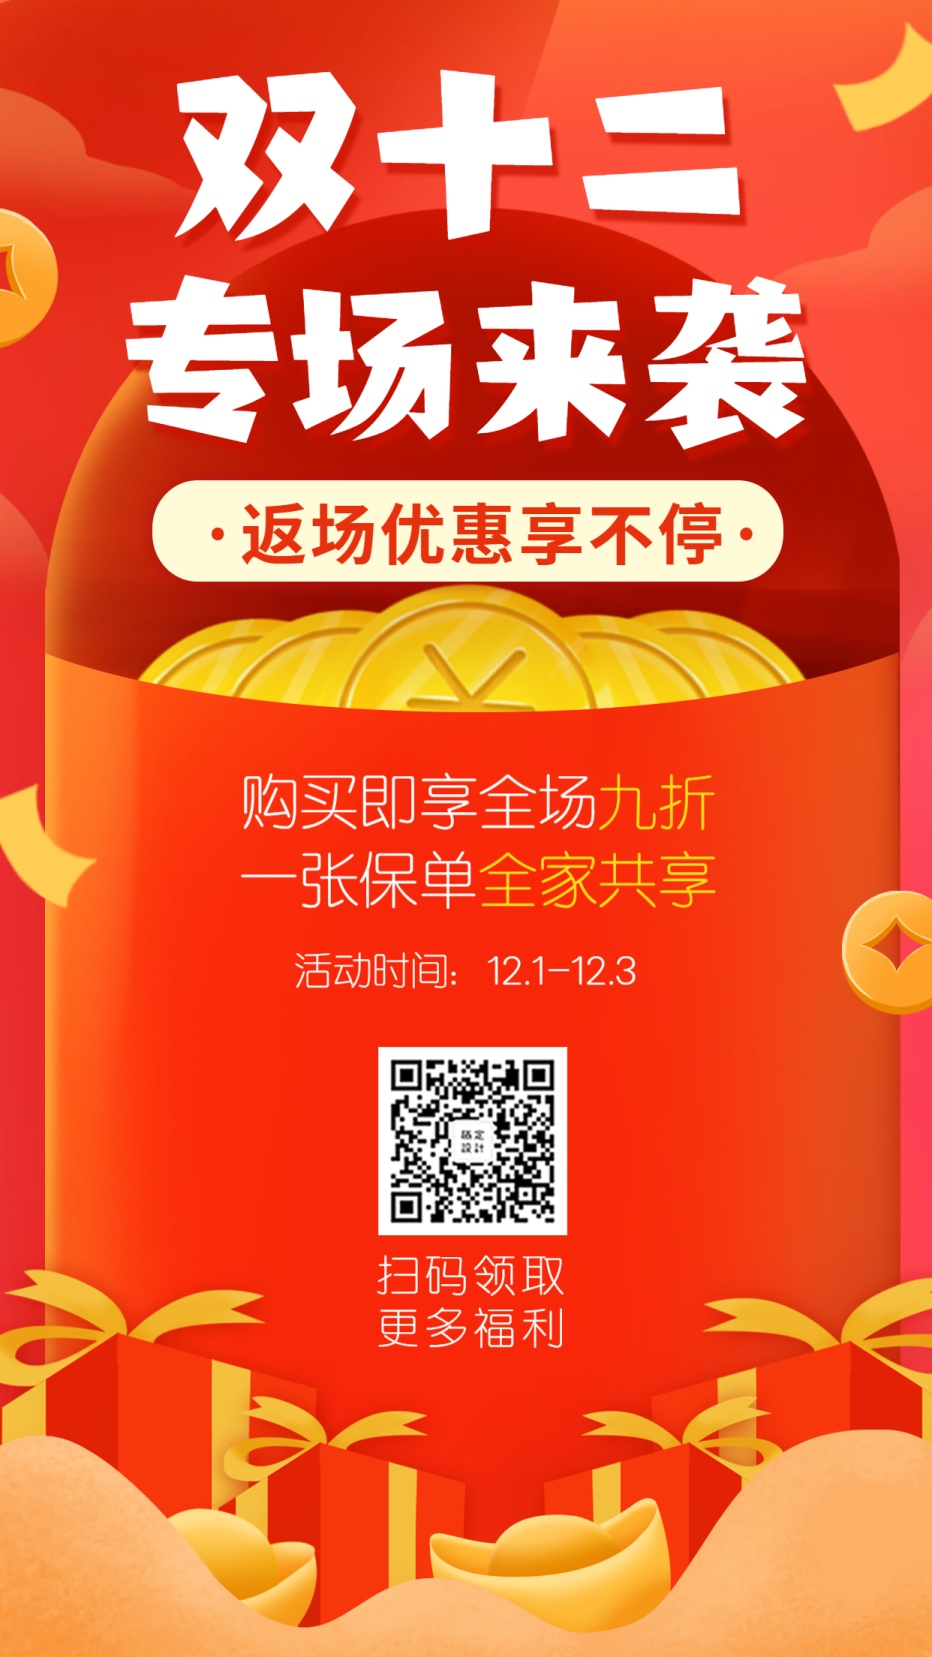 金融保险产品营销双十二专场手机海报